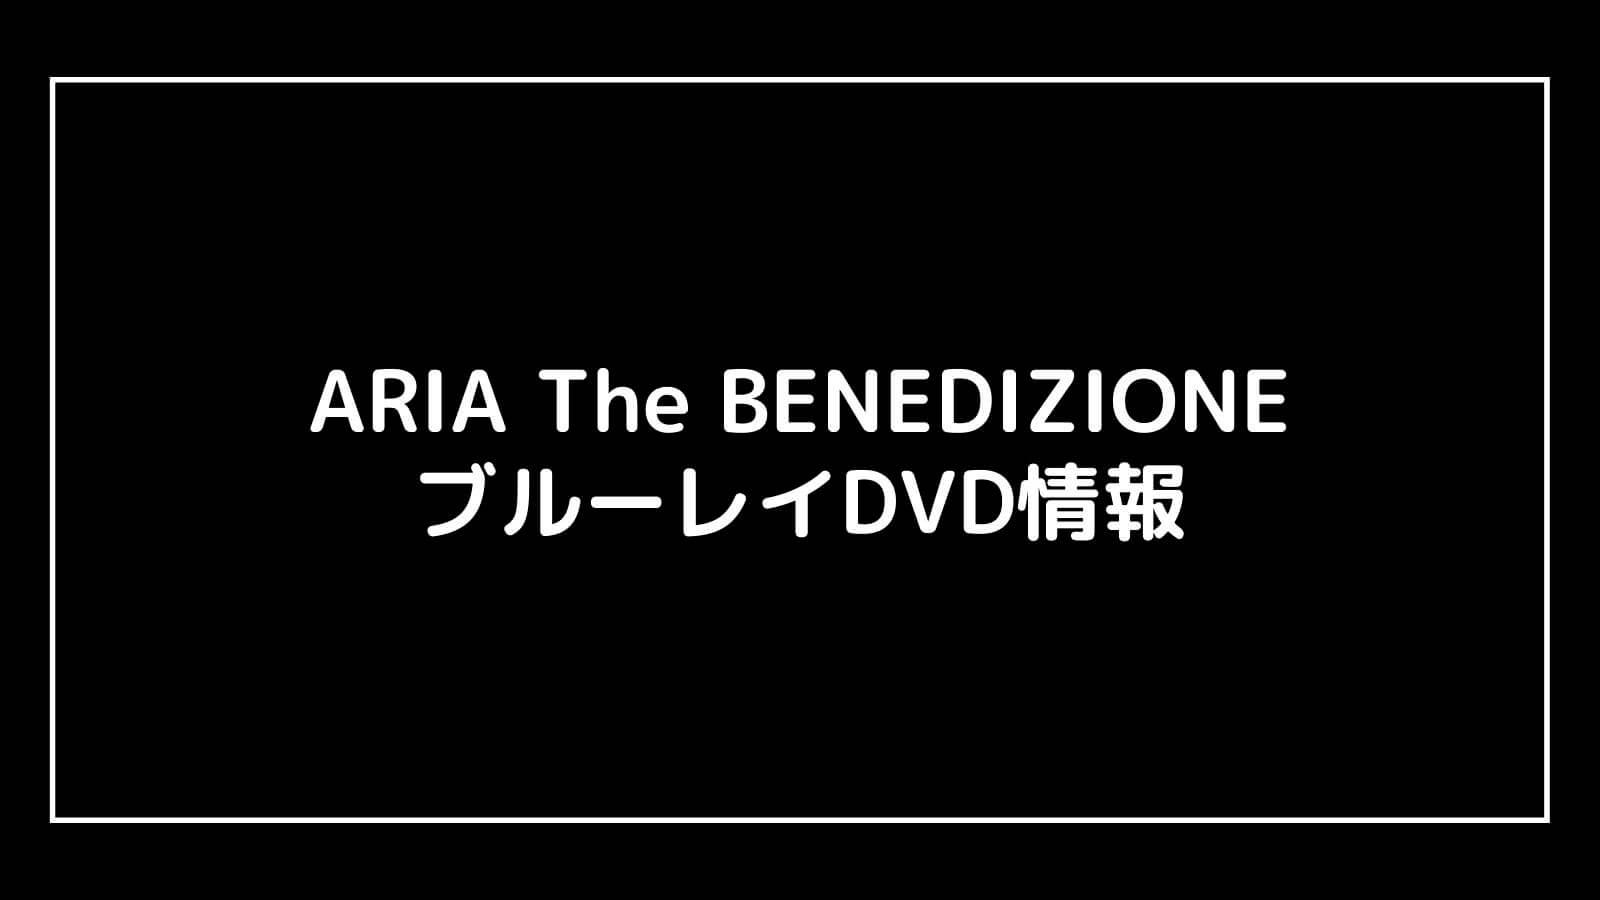 映画『ARIA The BENEDIZIONE』のDVD発売日と予約開始日はいつから?円盤情報まとめ